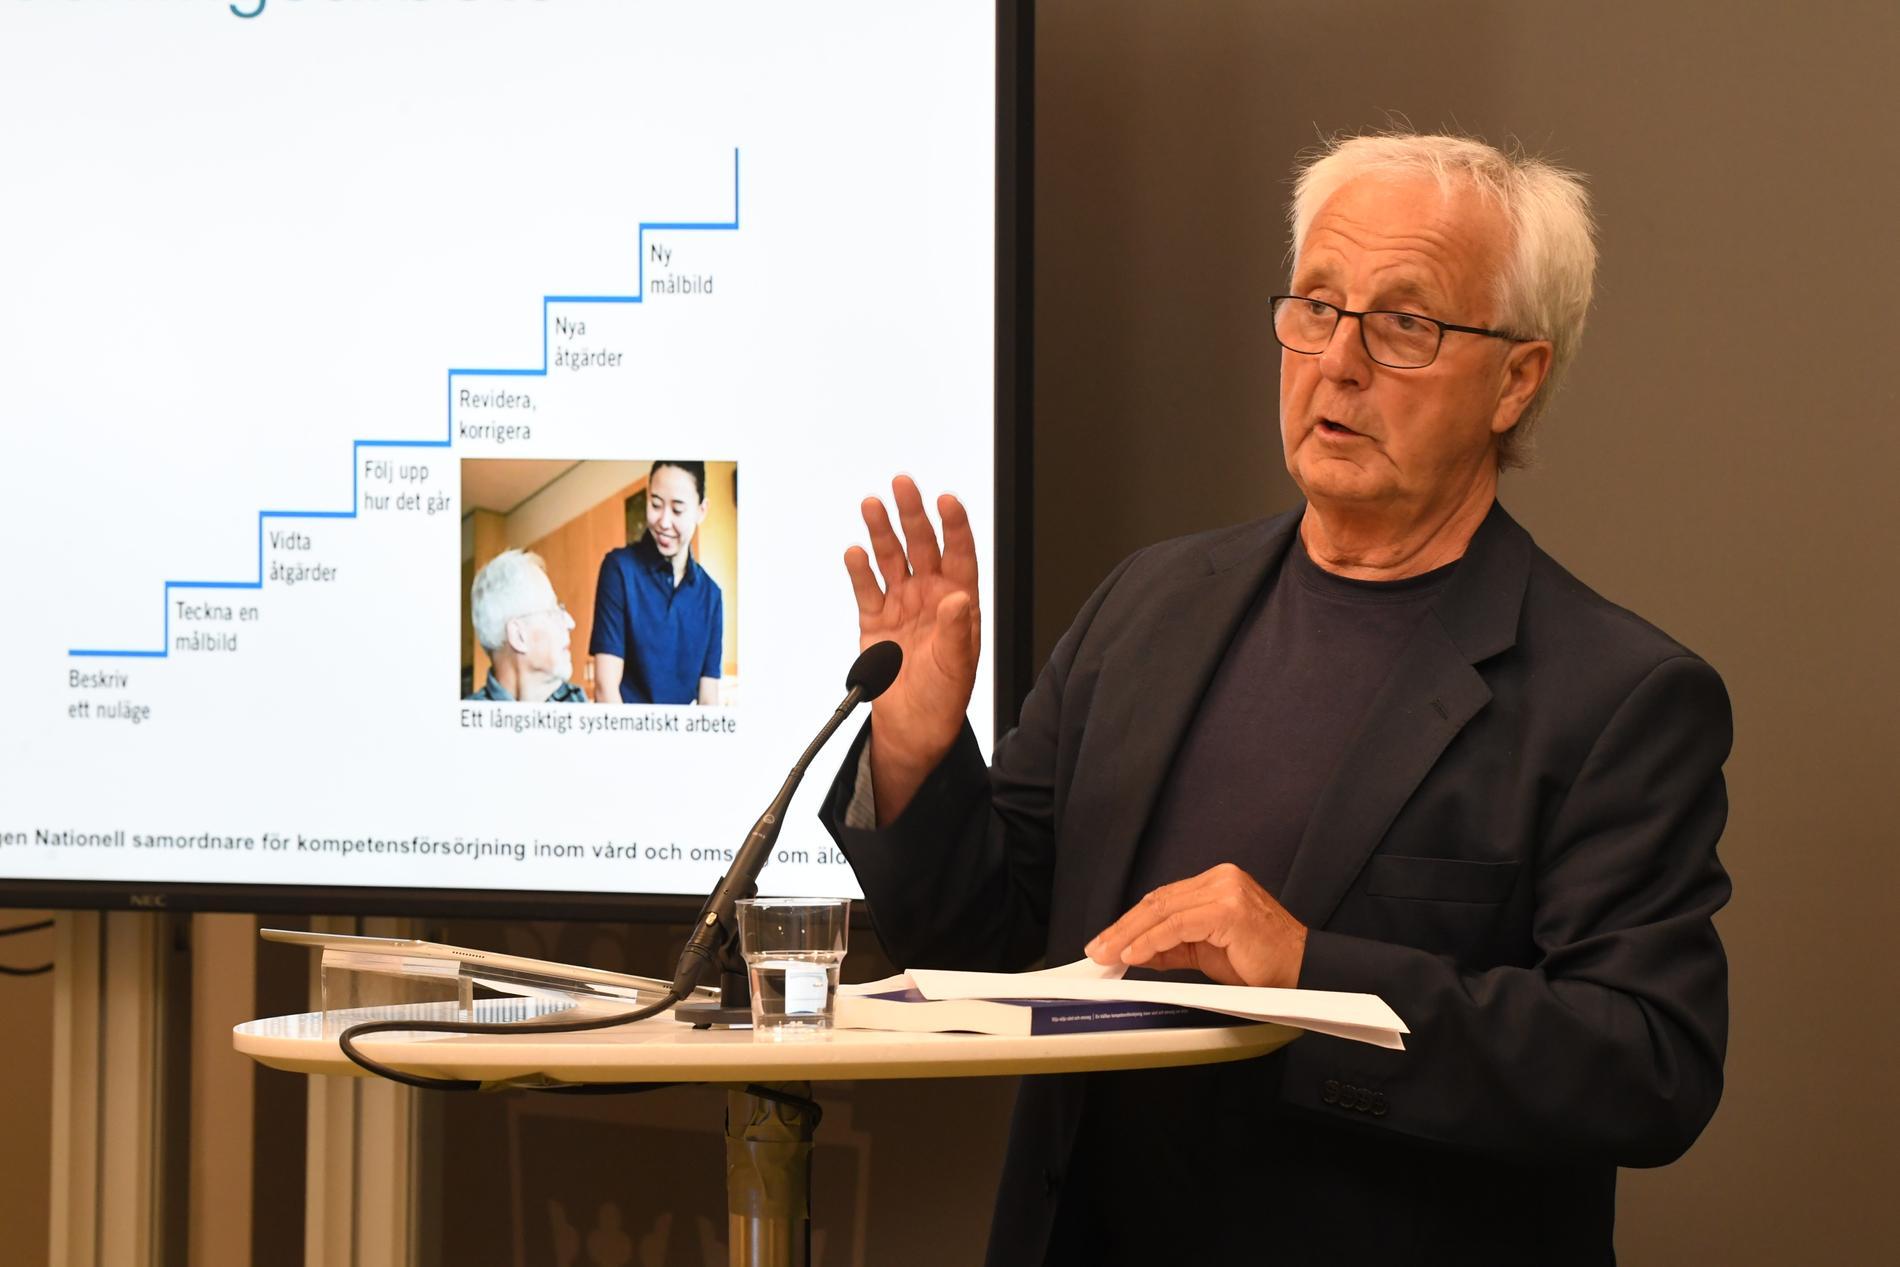 Regeringens nationelle samordnare för ökad kvalitet inom äldreomsorgen Göran Johnsson överlämnar ett betänkande till socialminister Lena Hallengren.